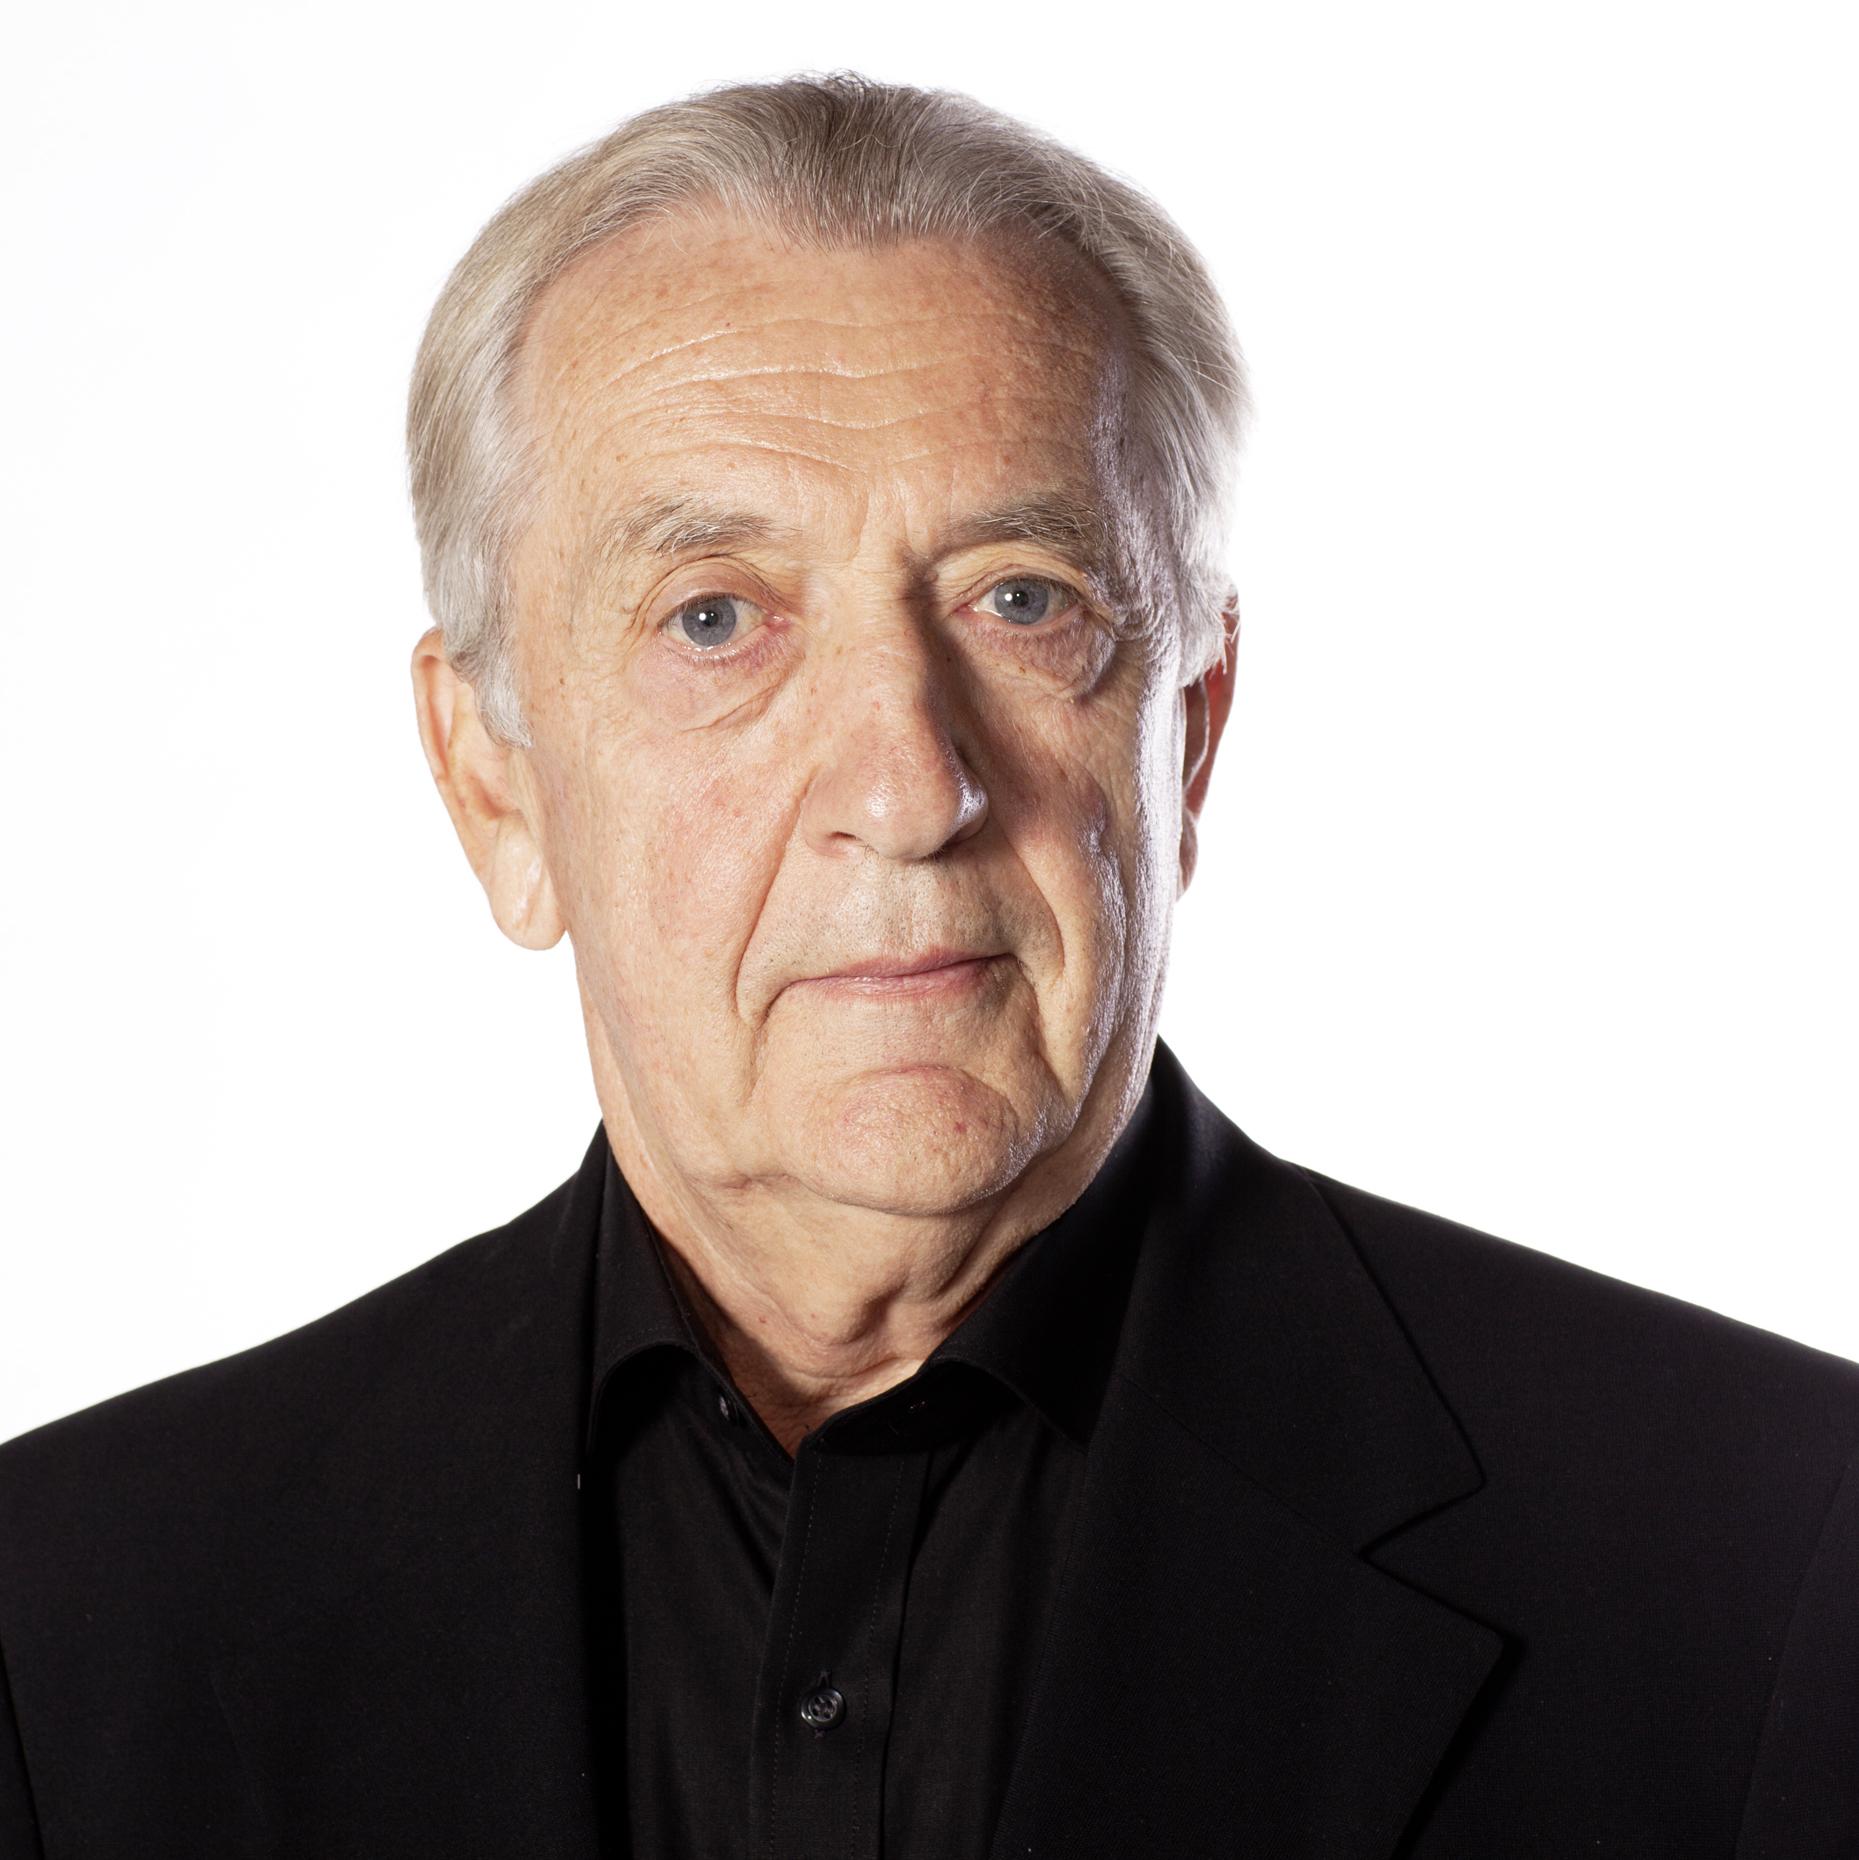 Univ.-Prof. Dr. Dr. Gerhard E. Ortner